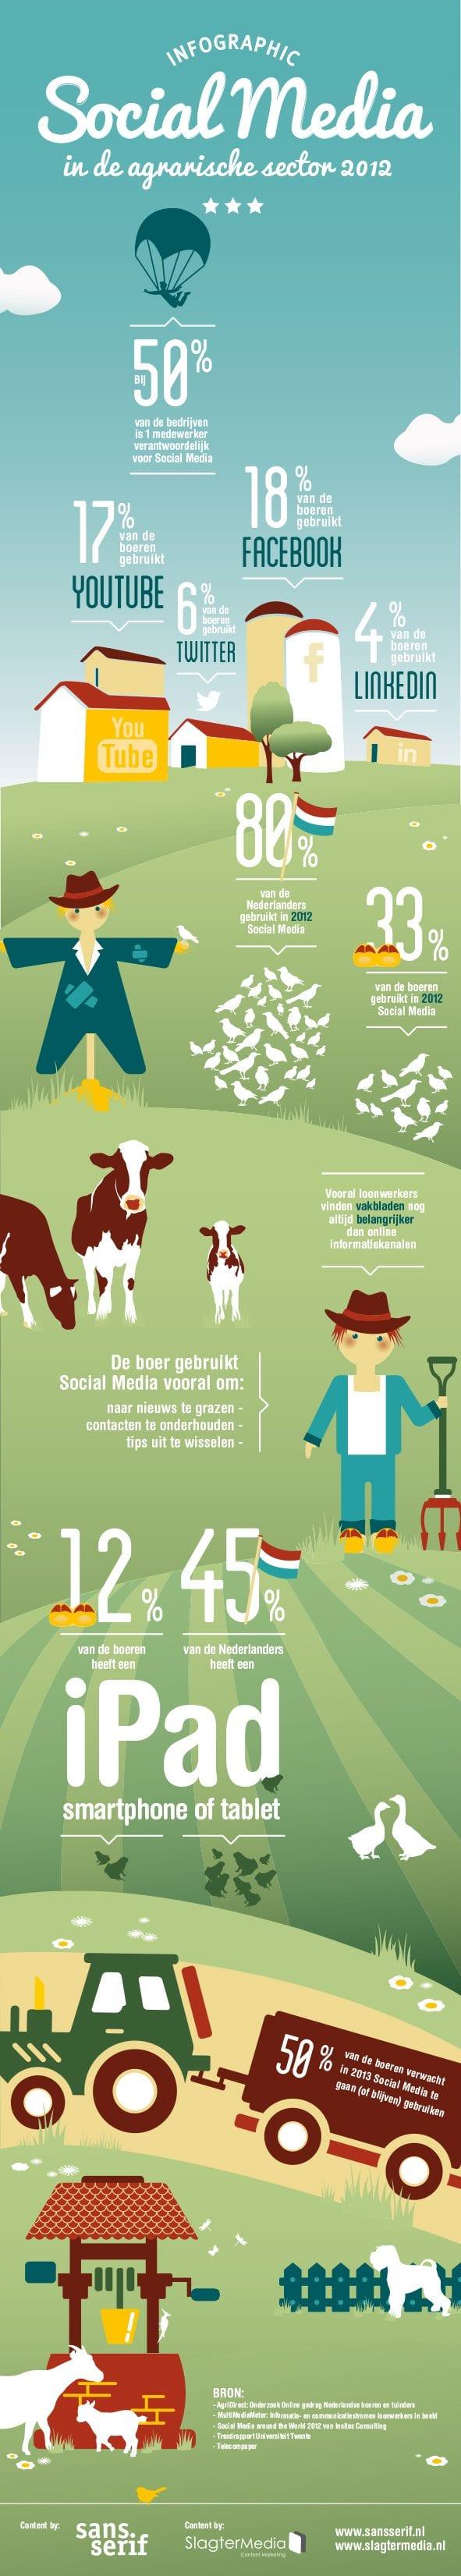 Social media in de agrarische sector [infographic]